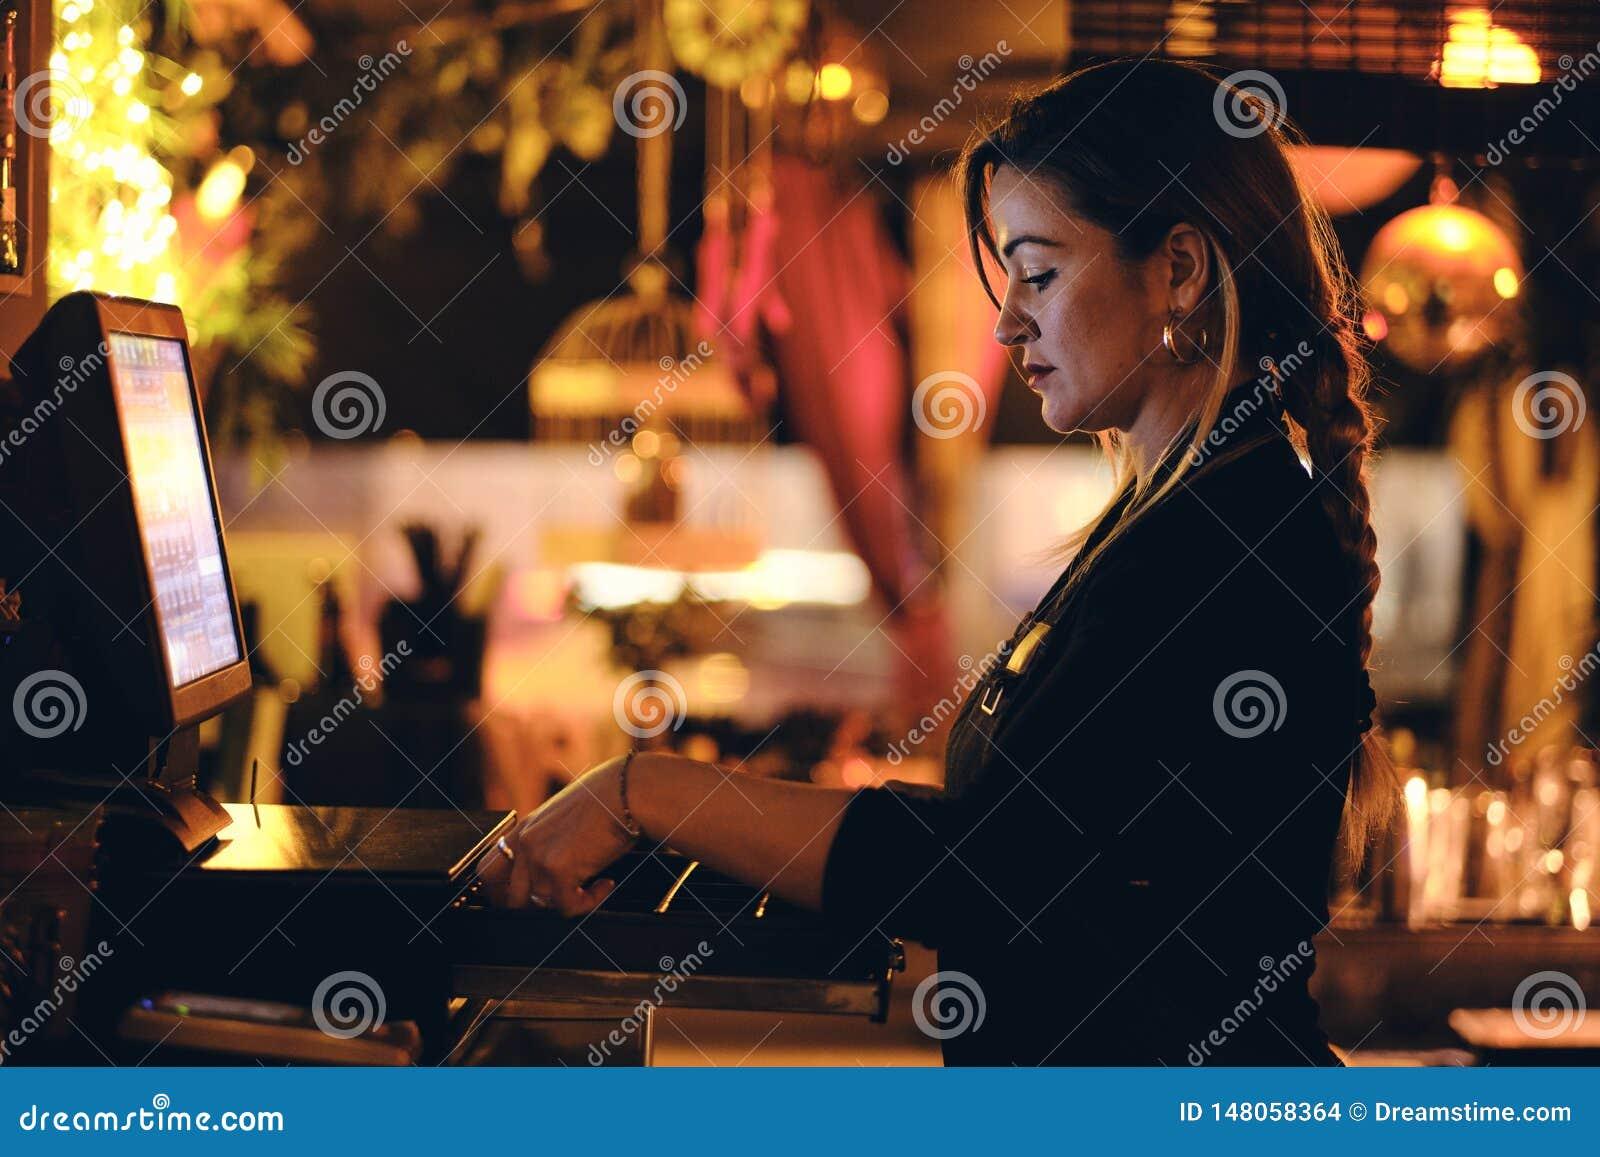 Eine sch?ne junge Frau am Schreibtisch in einem Restaurant